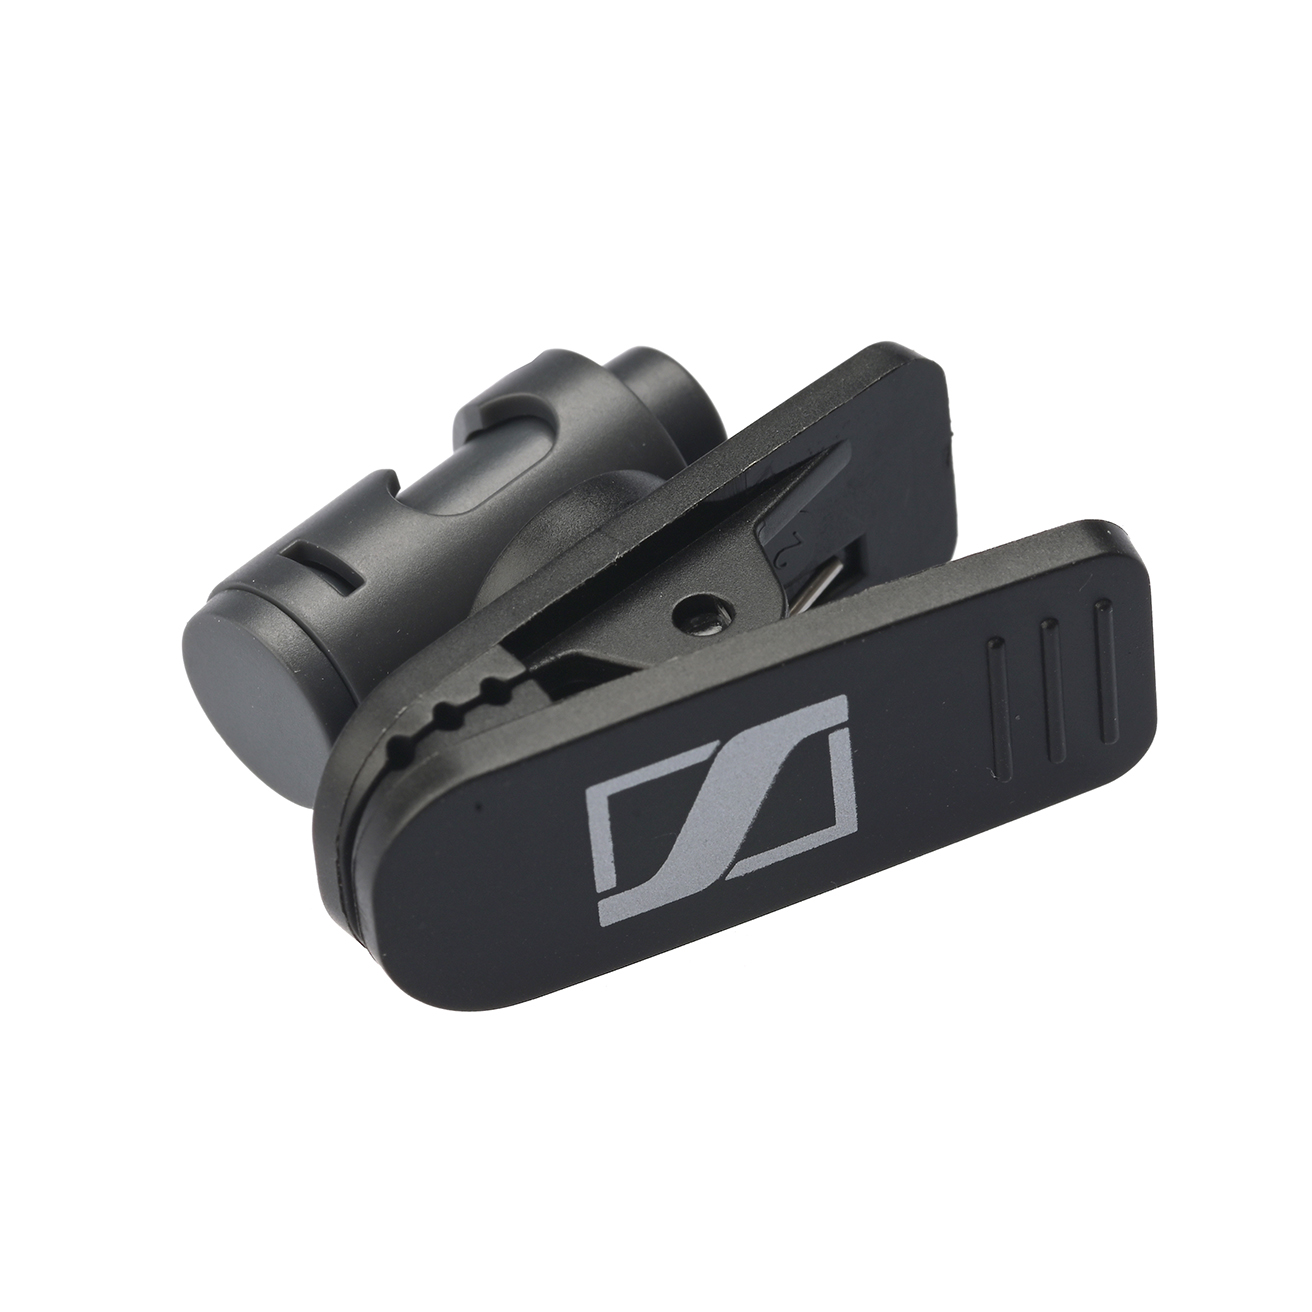 Cable clip HZC 11